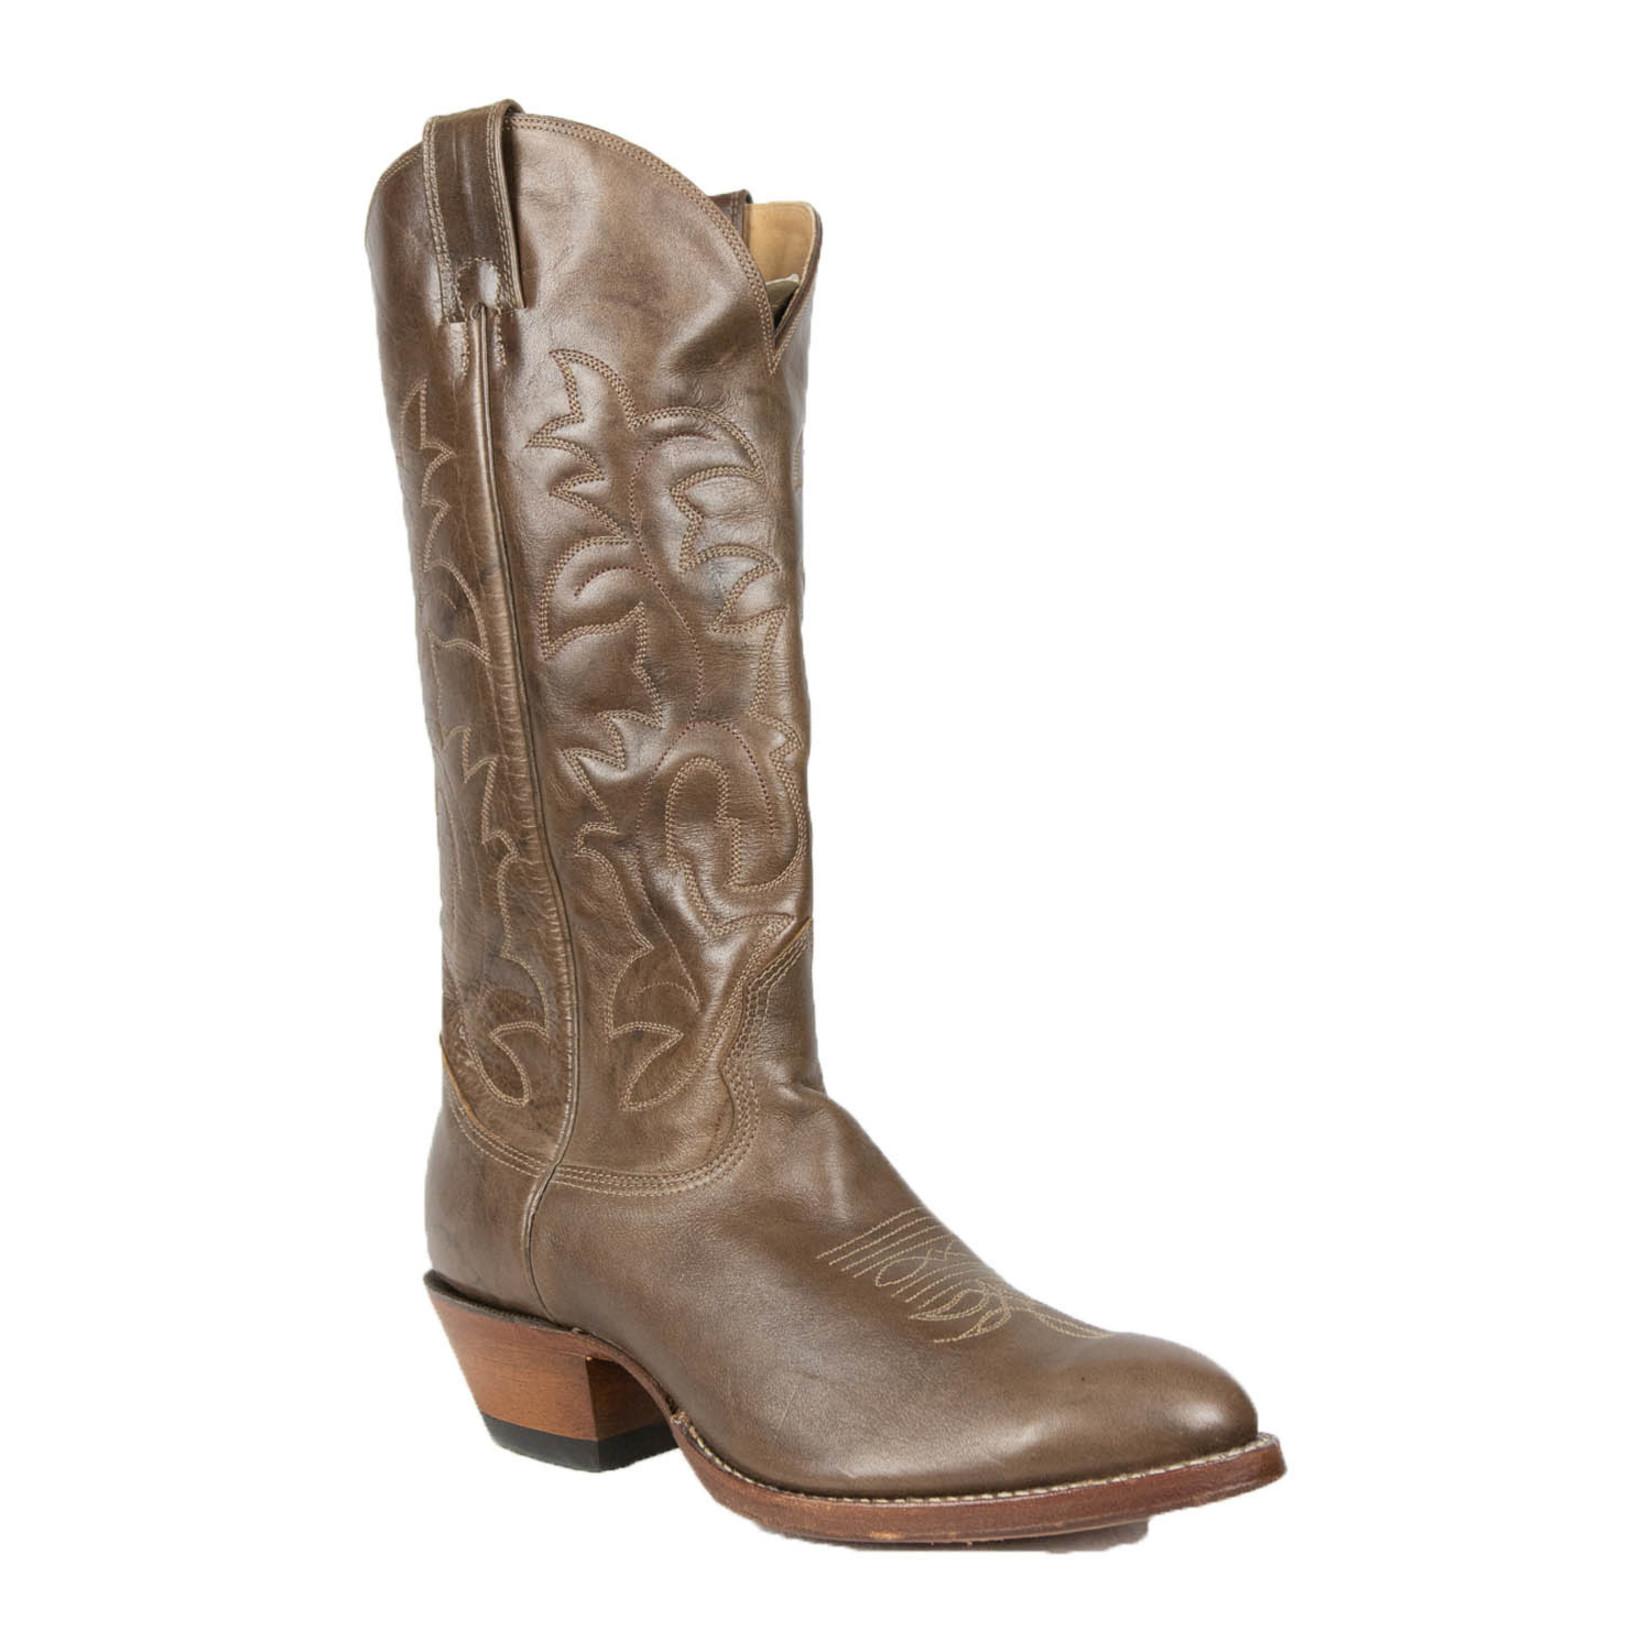 Alberta Boots Alberta Boots Men's Cowboy Boot  109TN 2E